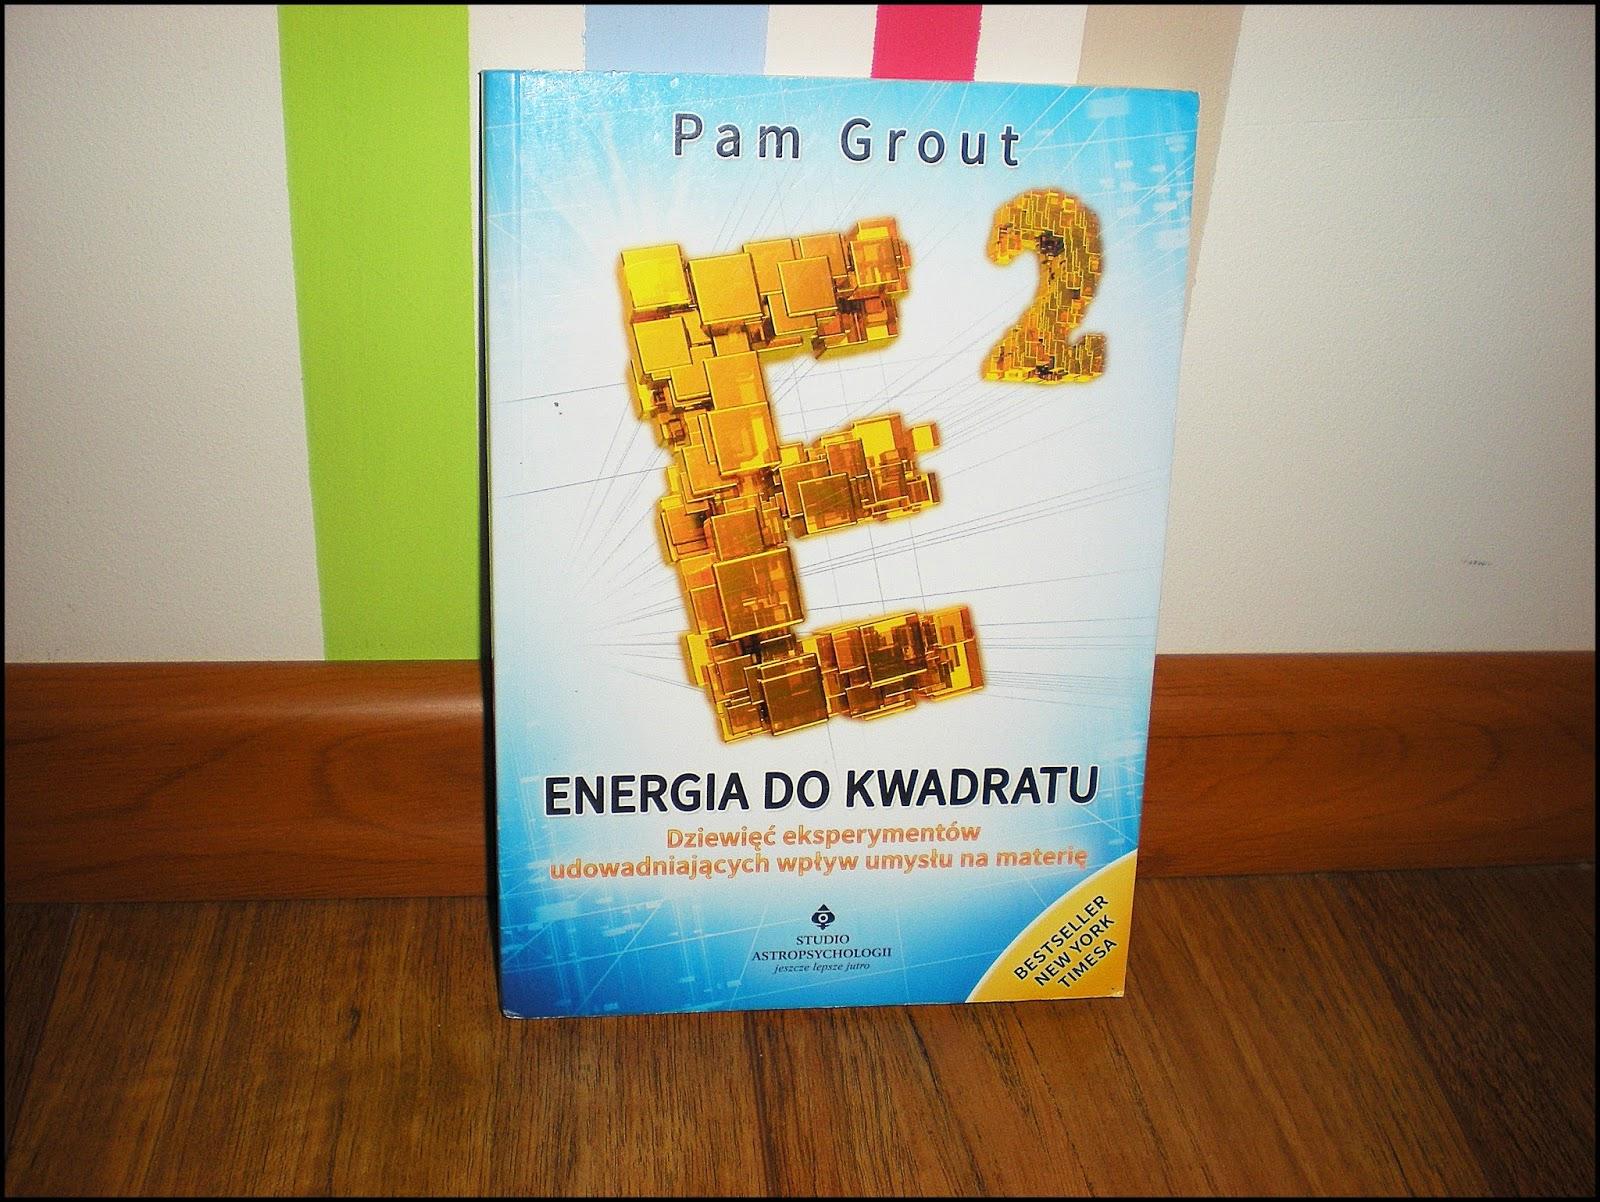 Energia do kwadratu | Pam Grout | Studio Astropsychologii